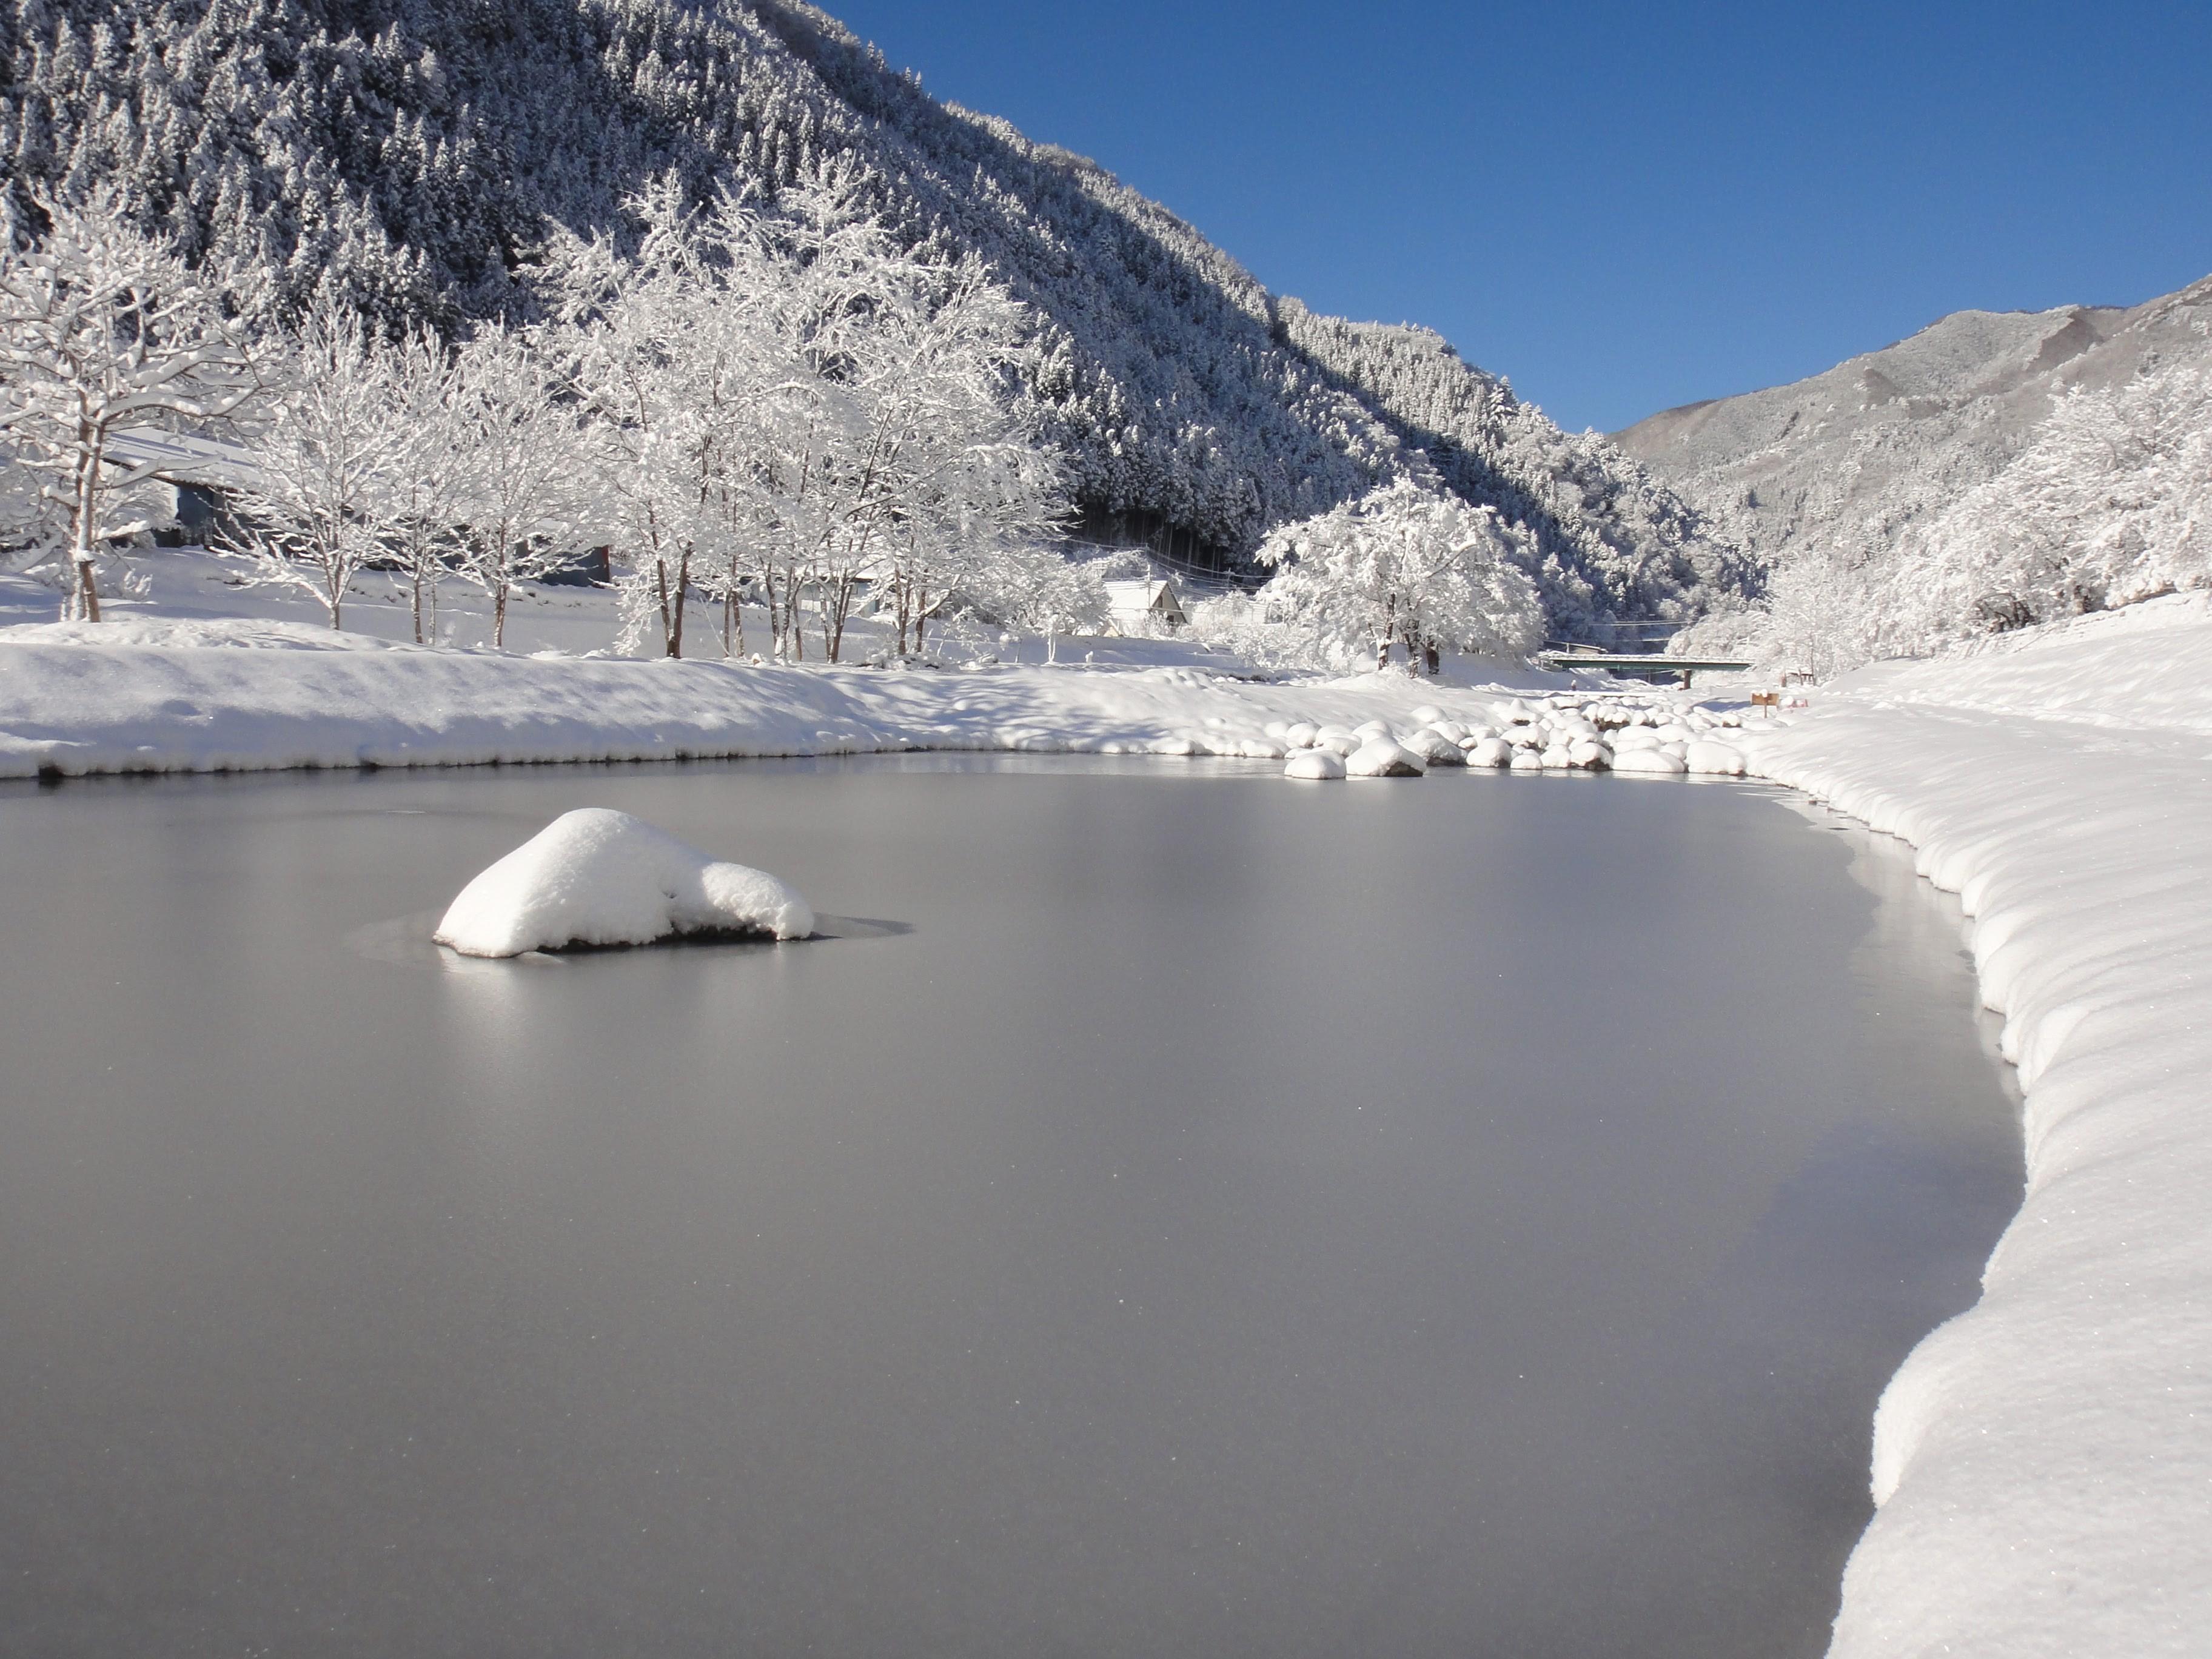 寒い冬は小菅村が雪と氷で包まれます